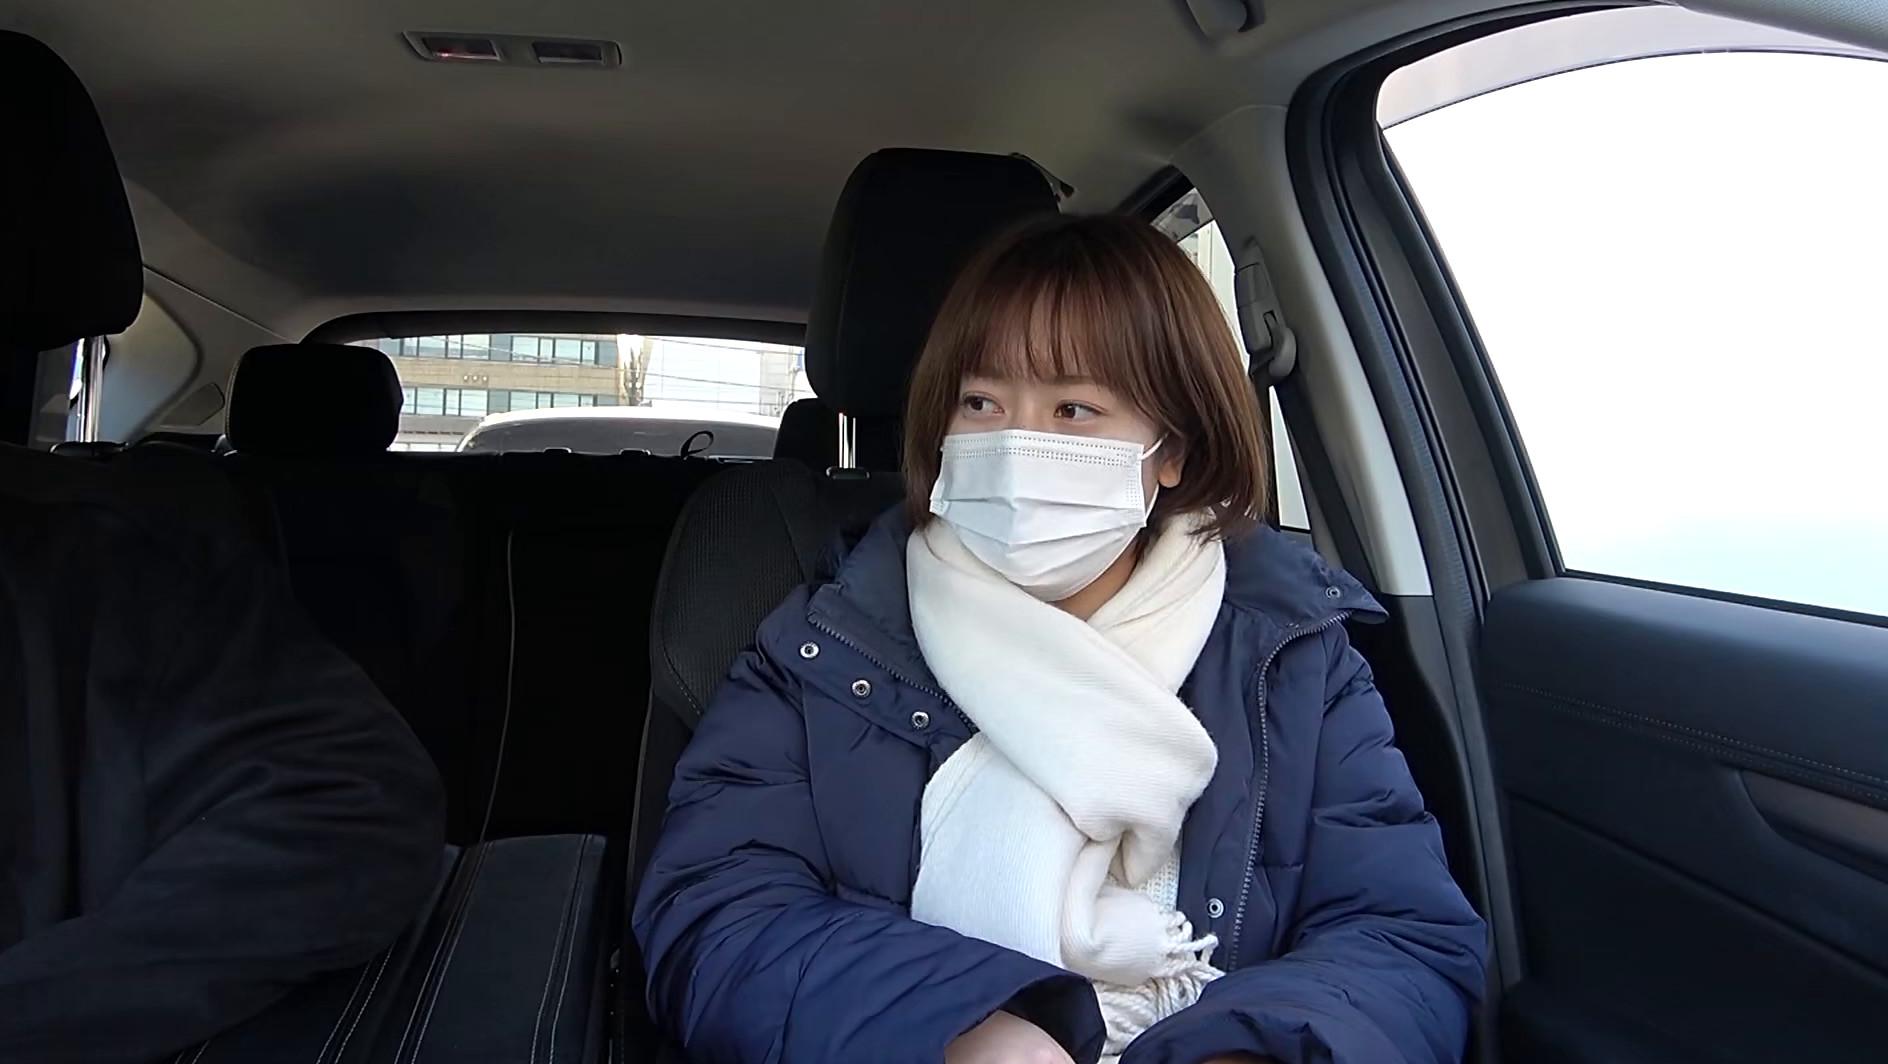 人妻自撮りNTR 寝取られ報告ビデオ 15 人妻・汐里(仮名) 二十七歳、結婚六年目 子供なし、介護士 画像1